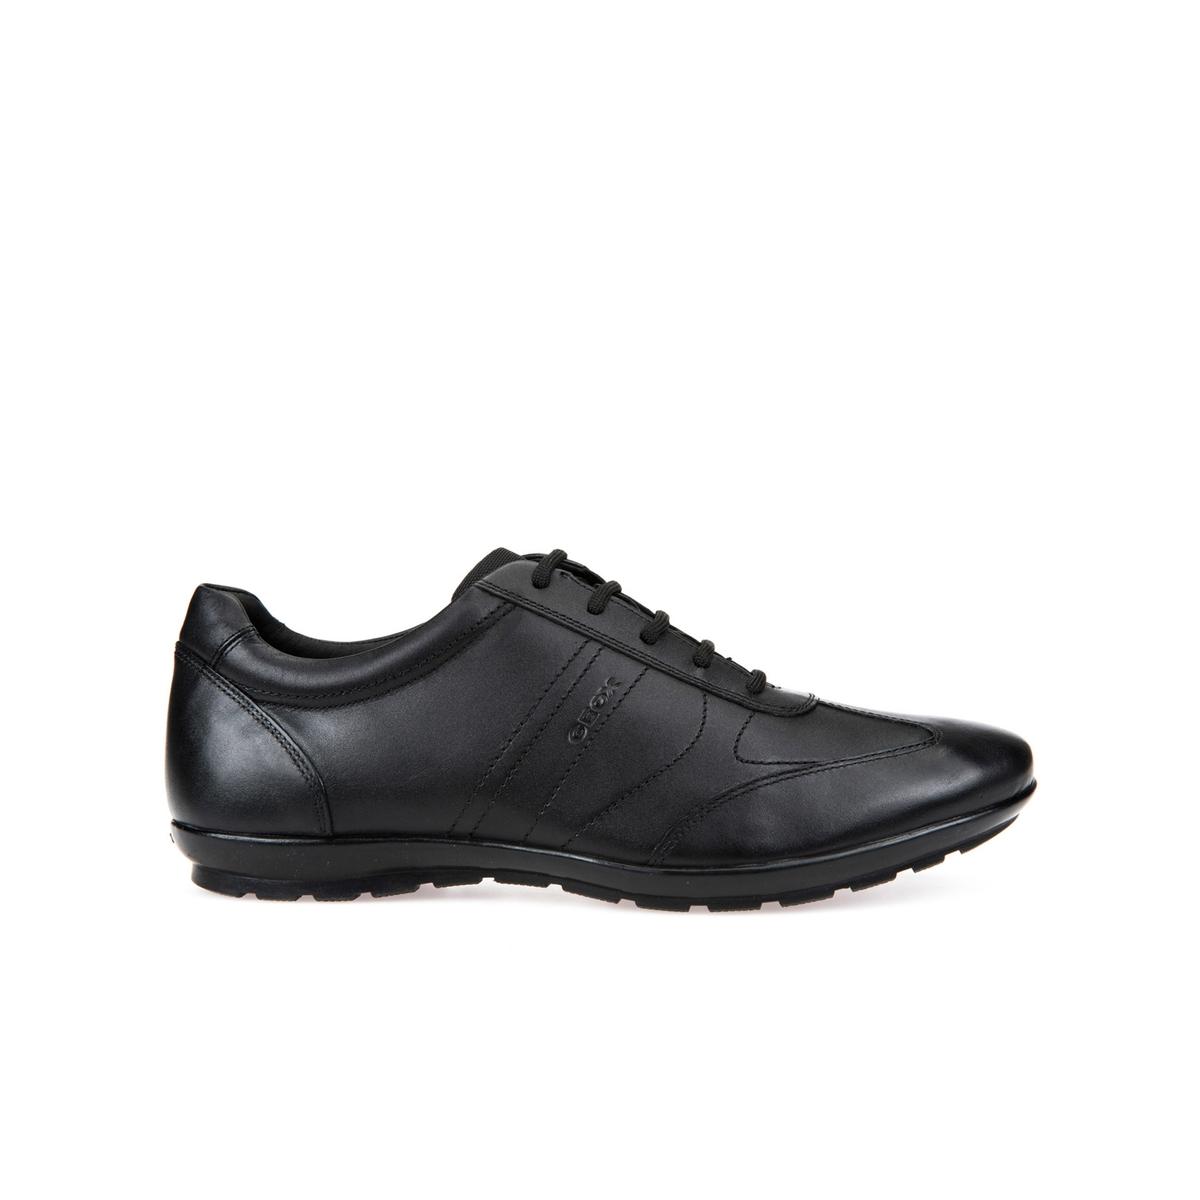 Кеды SYMBOLОписание:Детали  •  Спортивный стиль •  Плоский каблук •  Застежка : шнуровкаСостав и уход  •  Верх 95% кожи, 5% полиамида •  Подкладка 50% кожи, 50% синтетического материала<br><br>Цвет: черный<br>Размер: 40